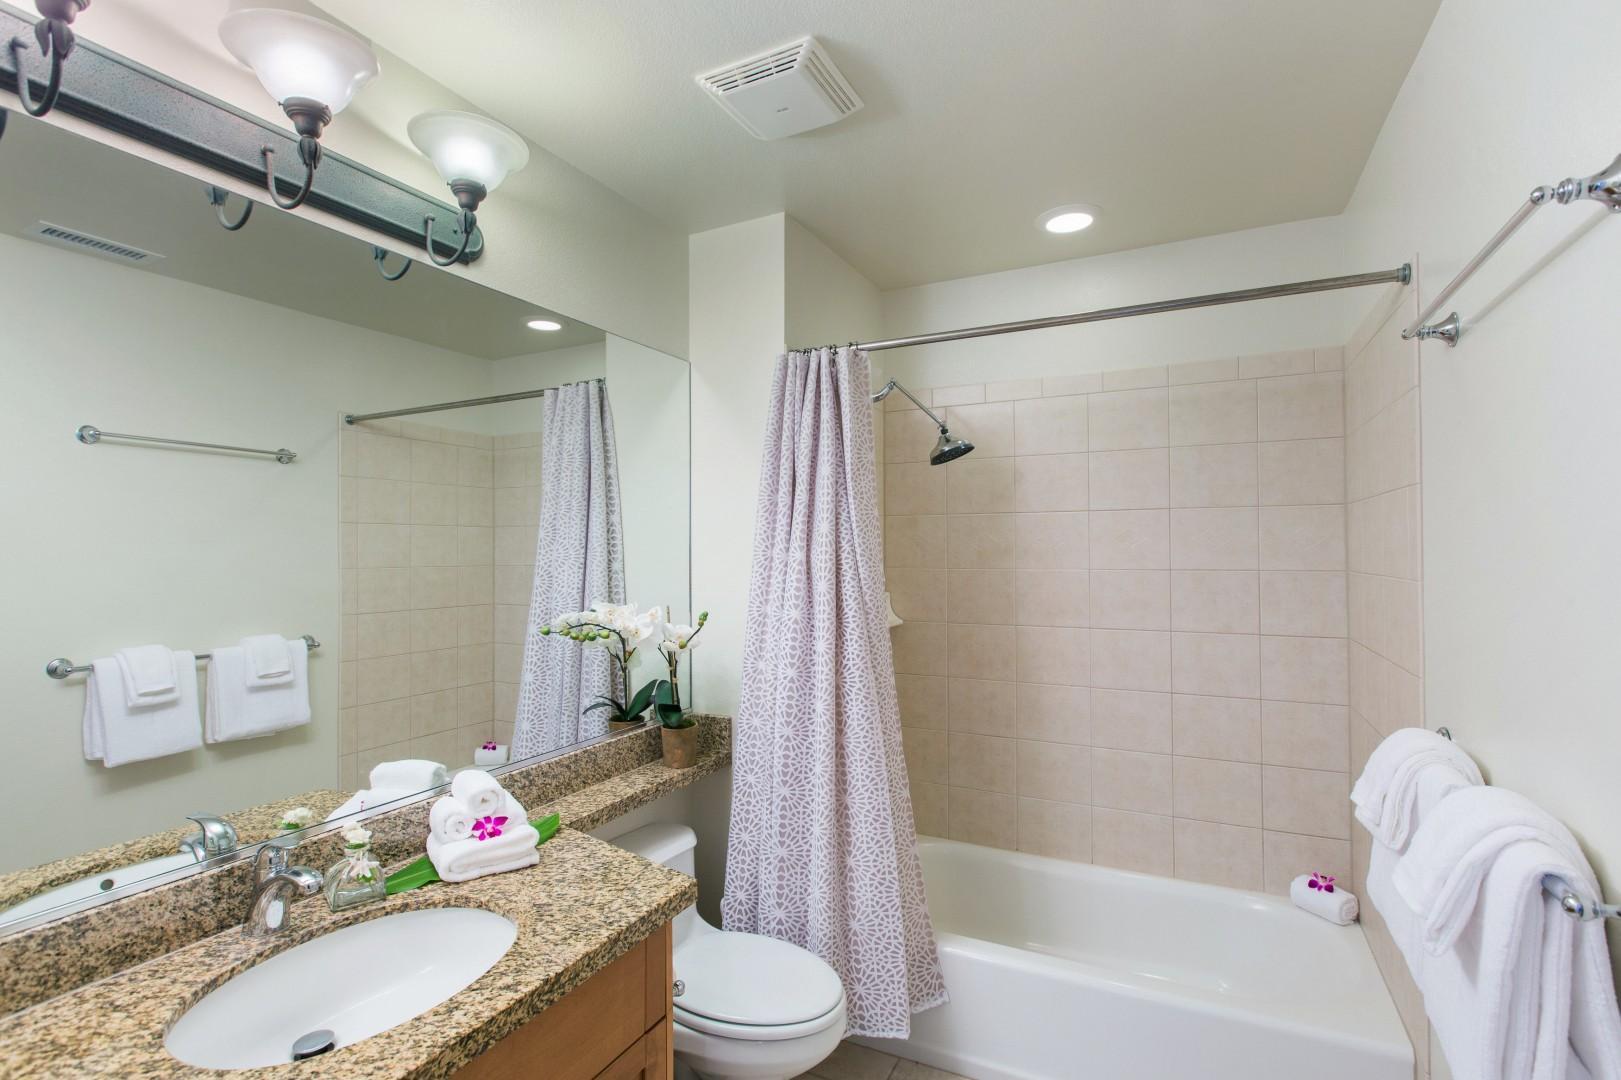 Second-floor full bathroom for the twin bedroom and queen bedroom.